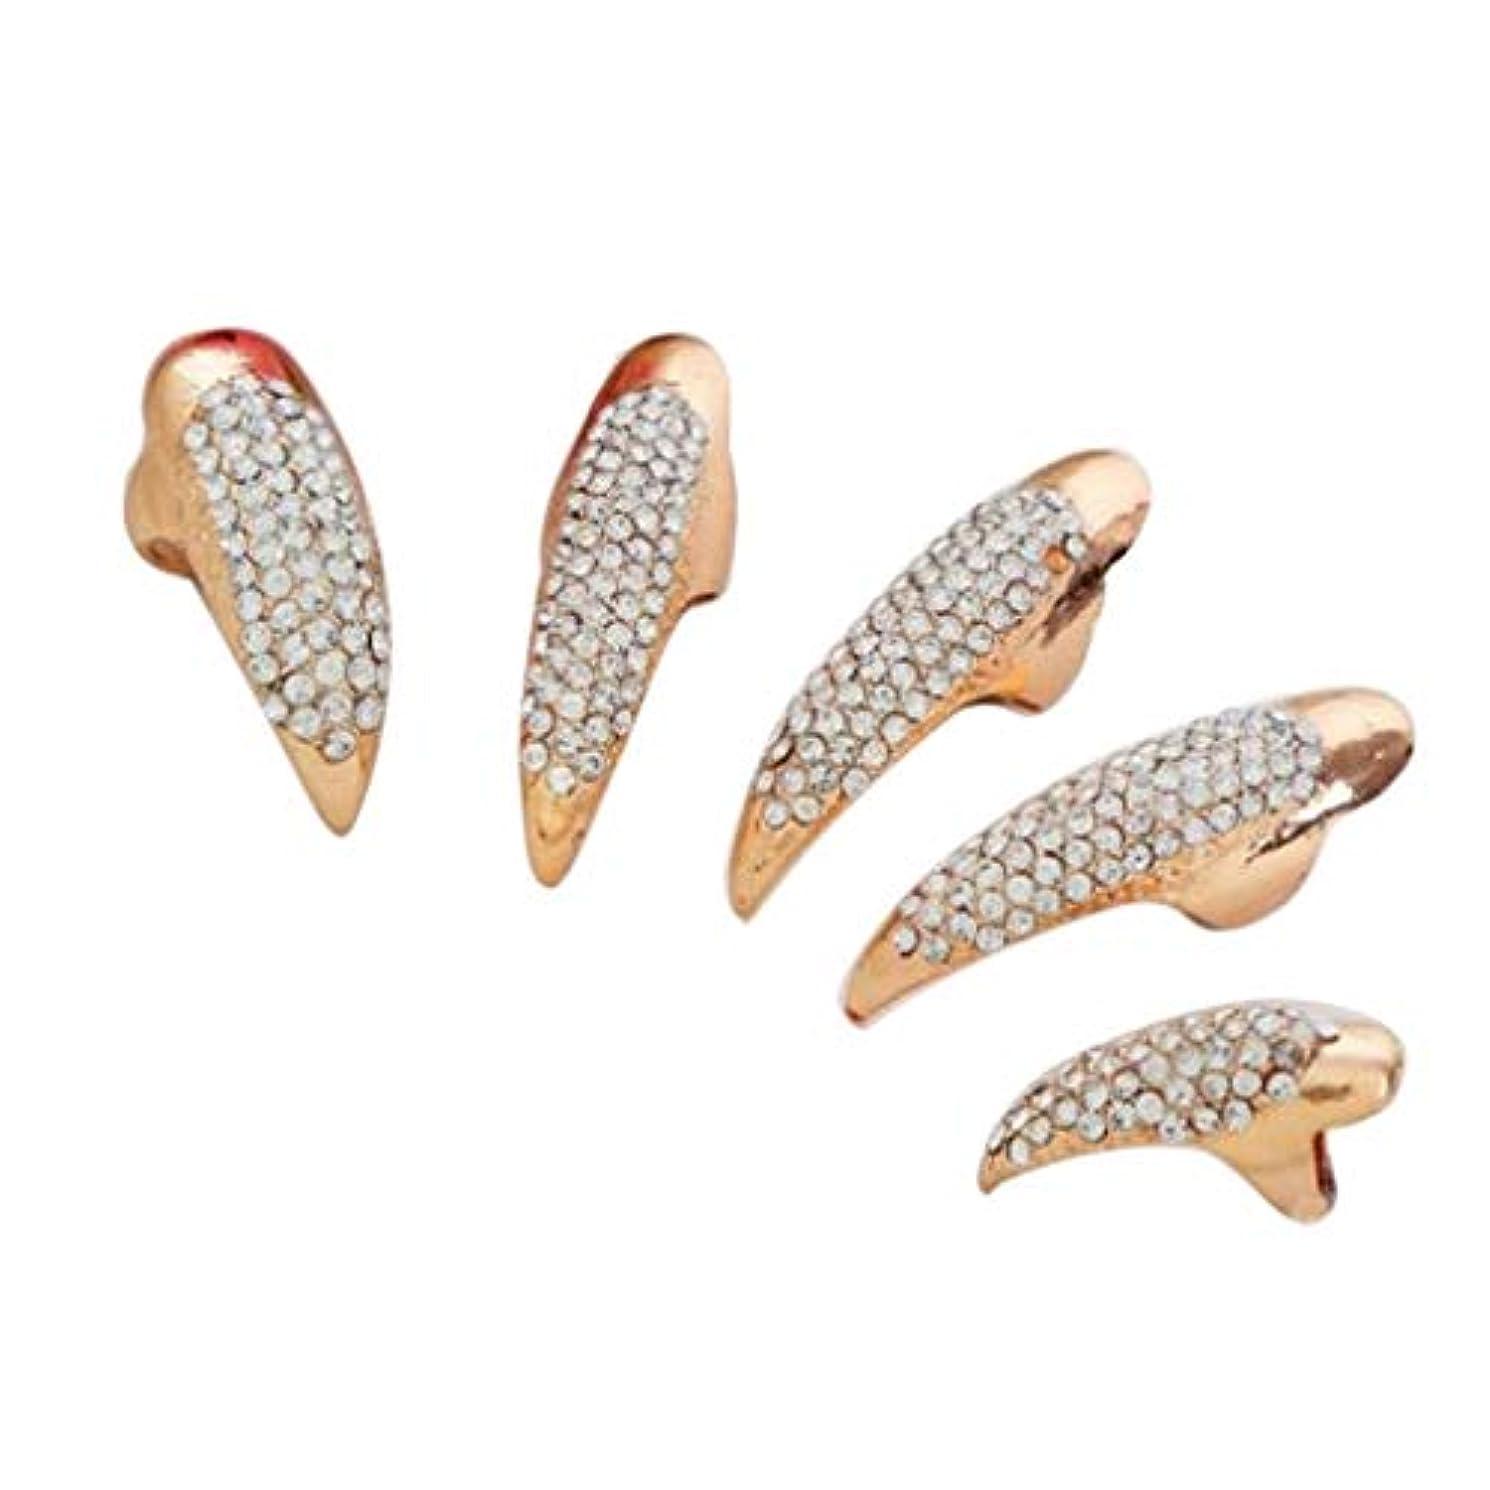 緩む具体的にディスコ爪リング ネイルチップ ネイルアート 人工の爪 曲げ爪 コスプレ パーティー 2色選べ - ゴールデン